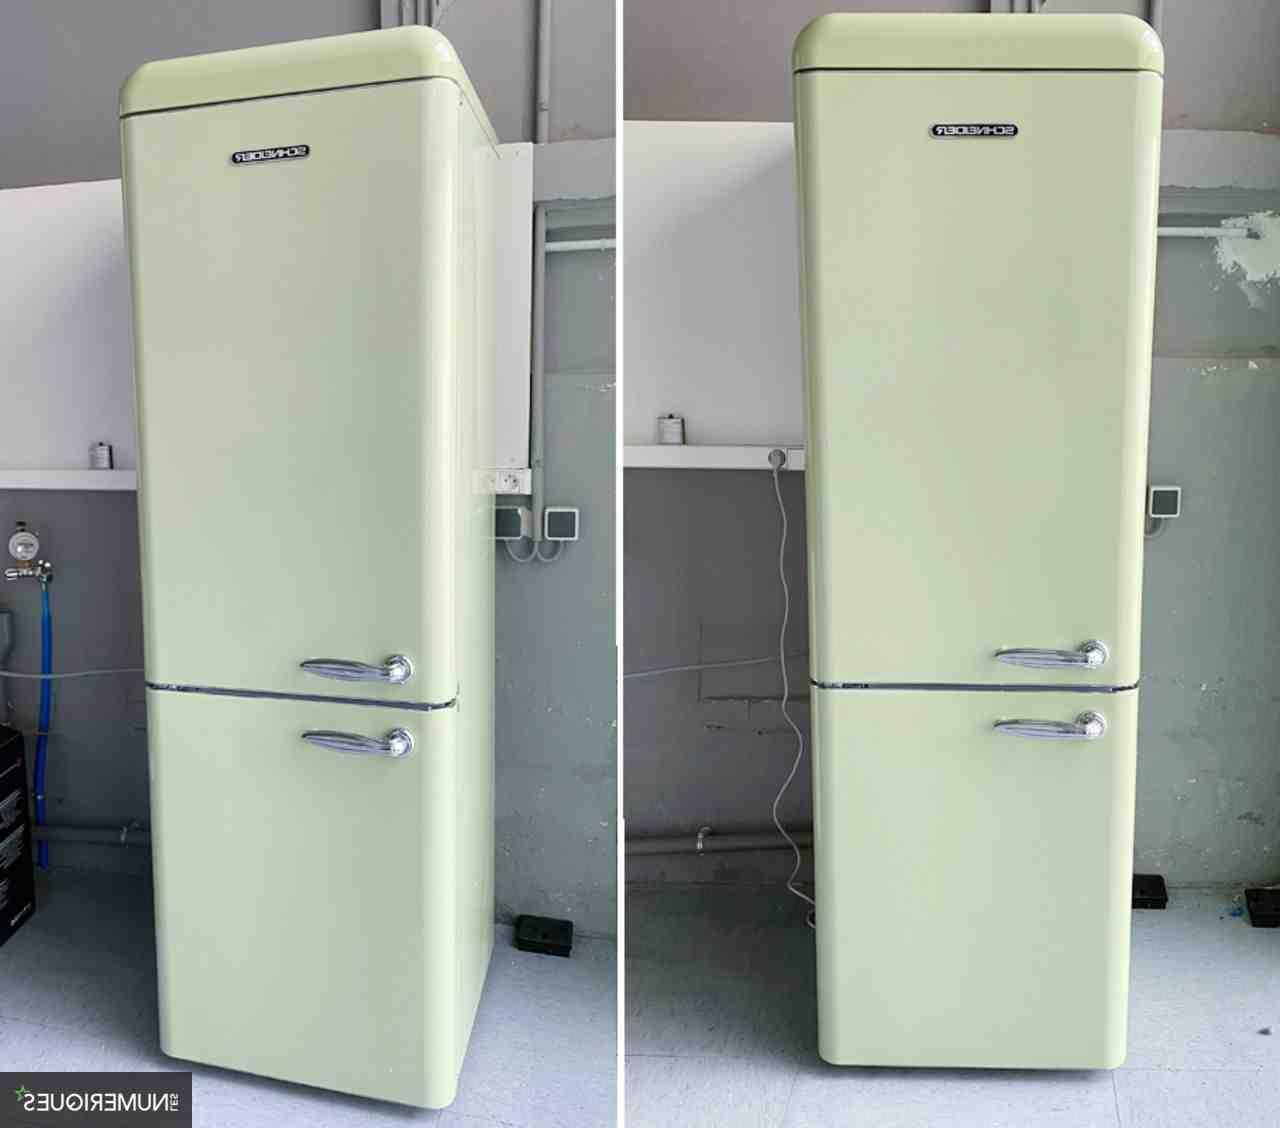 Quel est la meilleur marque de refrigerateur ?